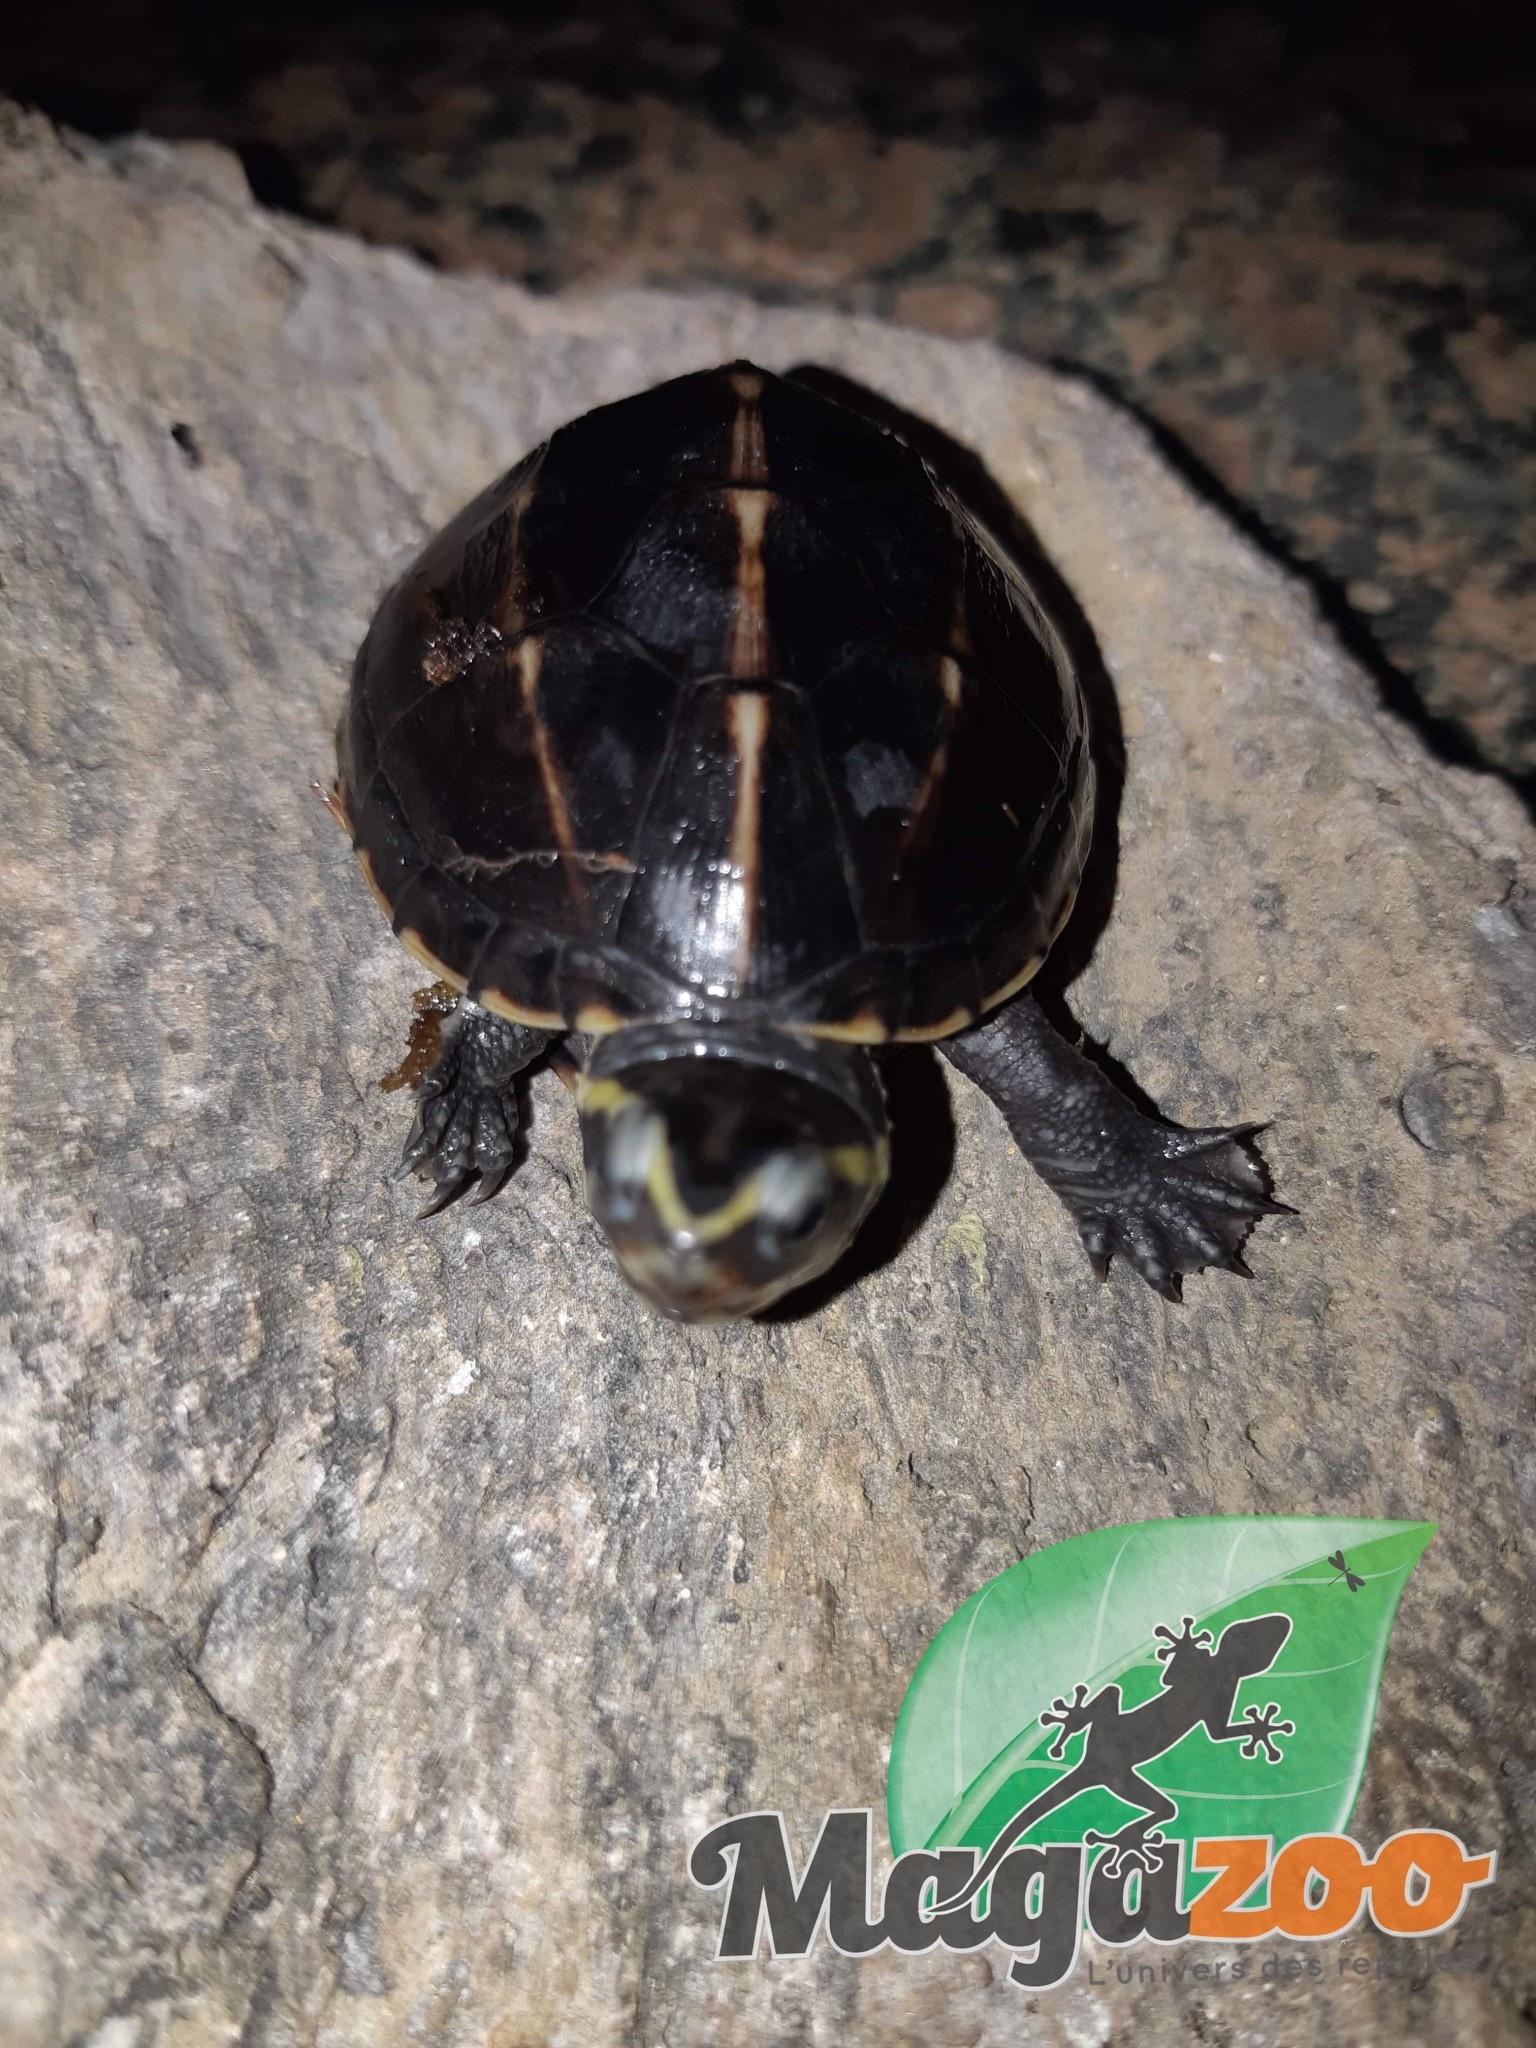 Magazoo Tortue de boue rayée (tortue mud à trois lignes)